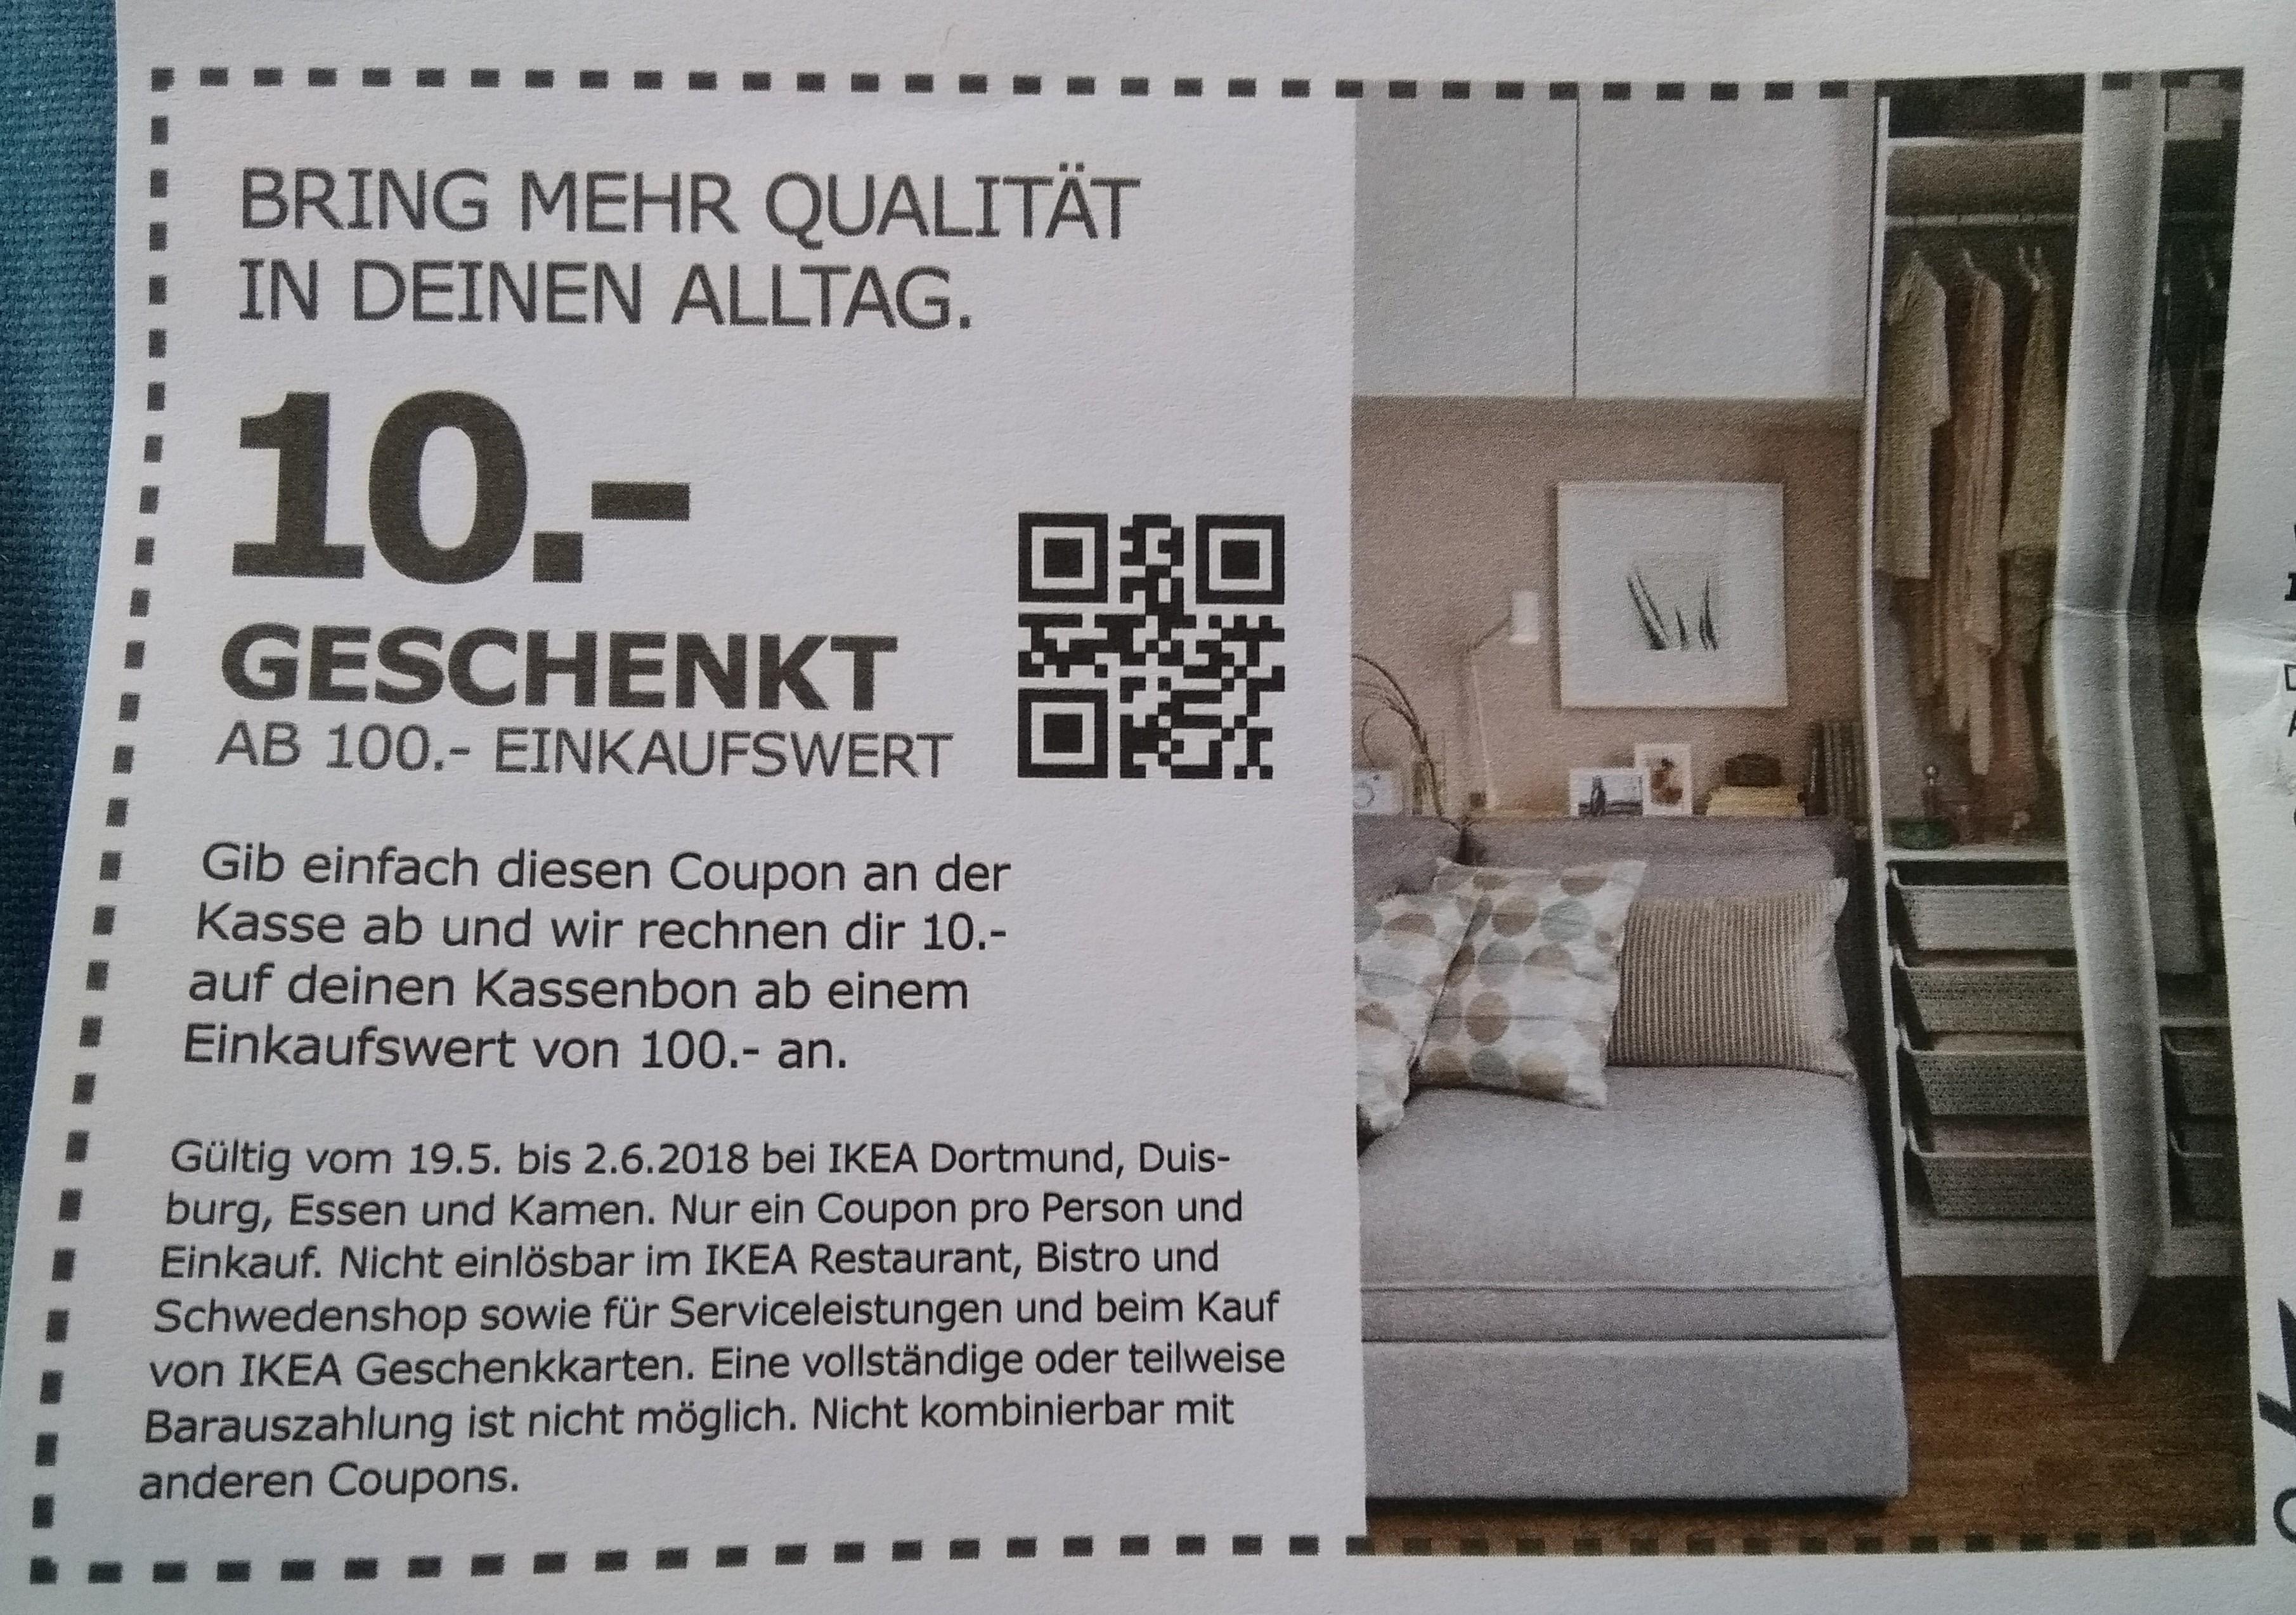 [Ikea Dortmund, Duisburg, Essen u. Kamen] 10,- Euro geschenkt ab 100,- Euro Einkaufwert